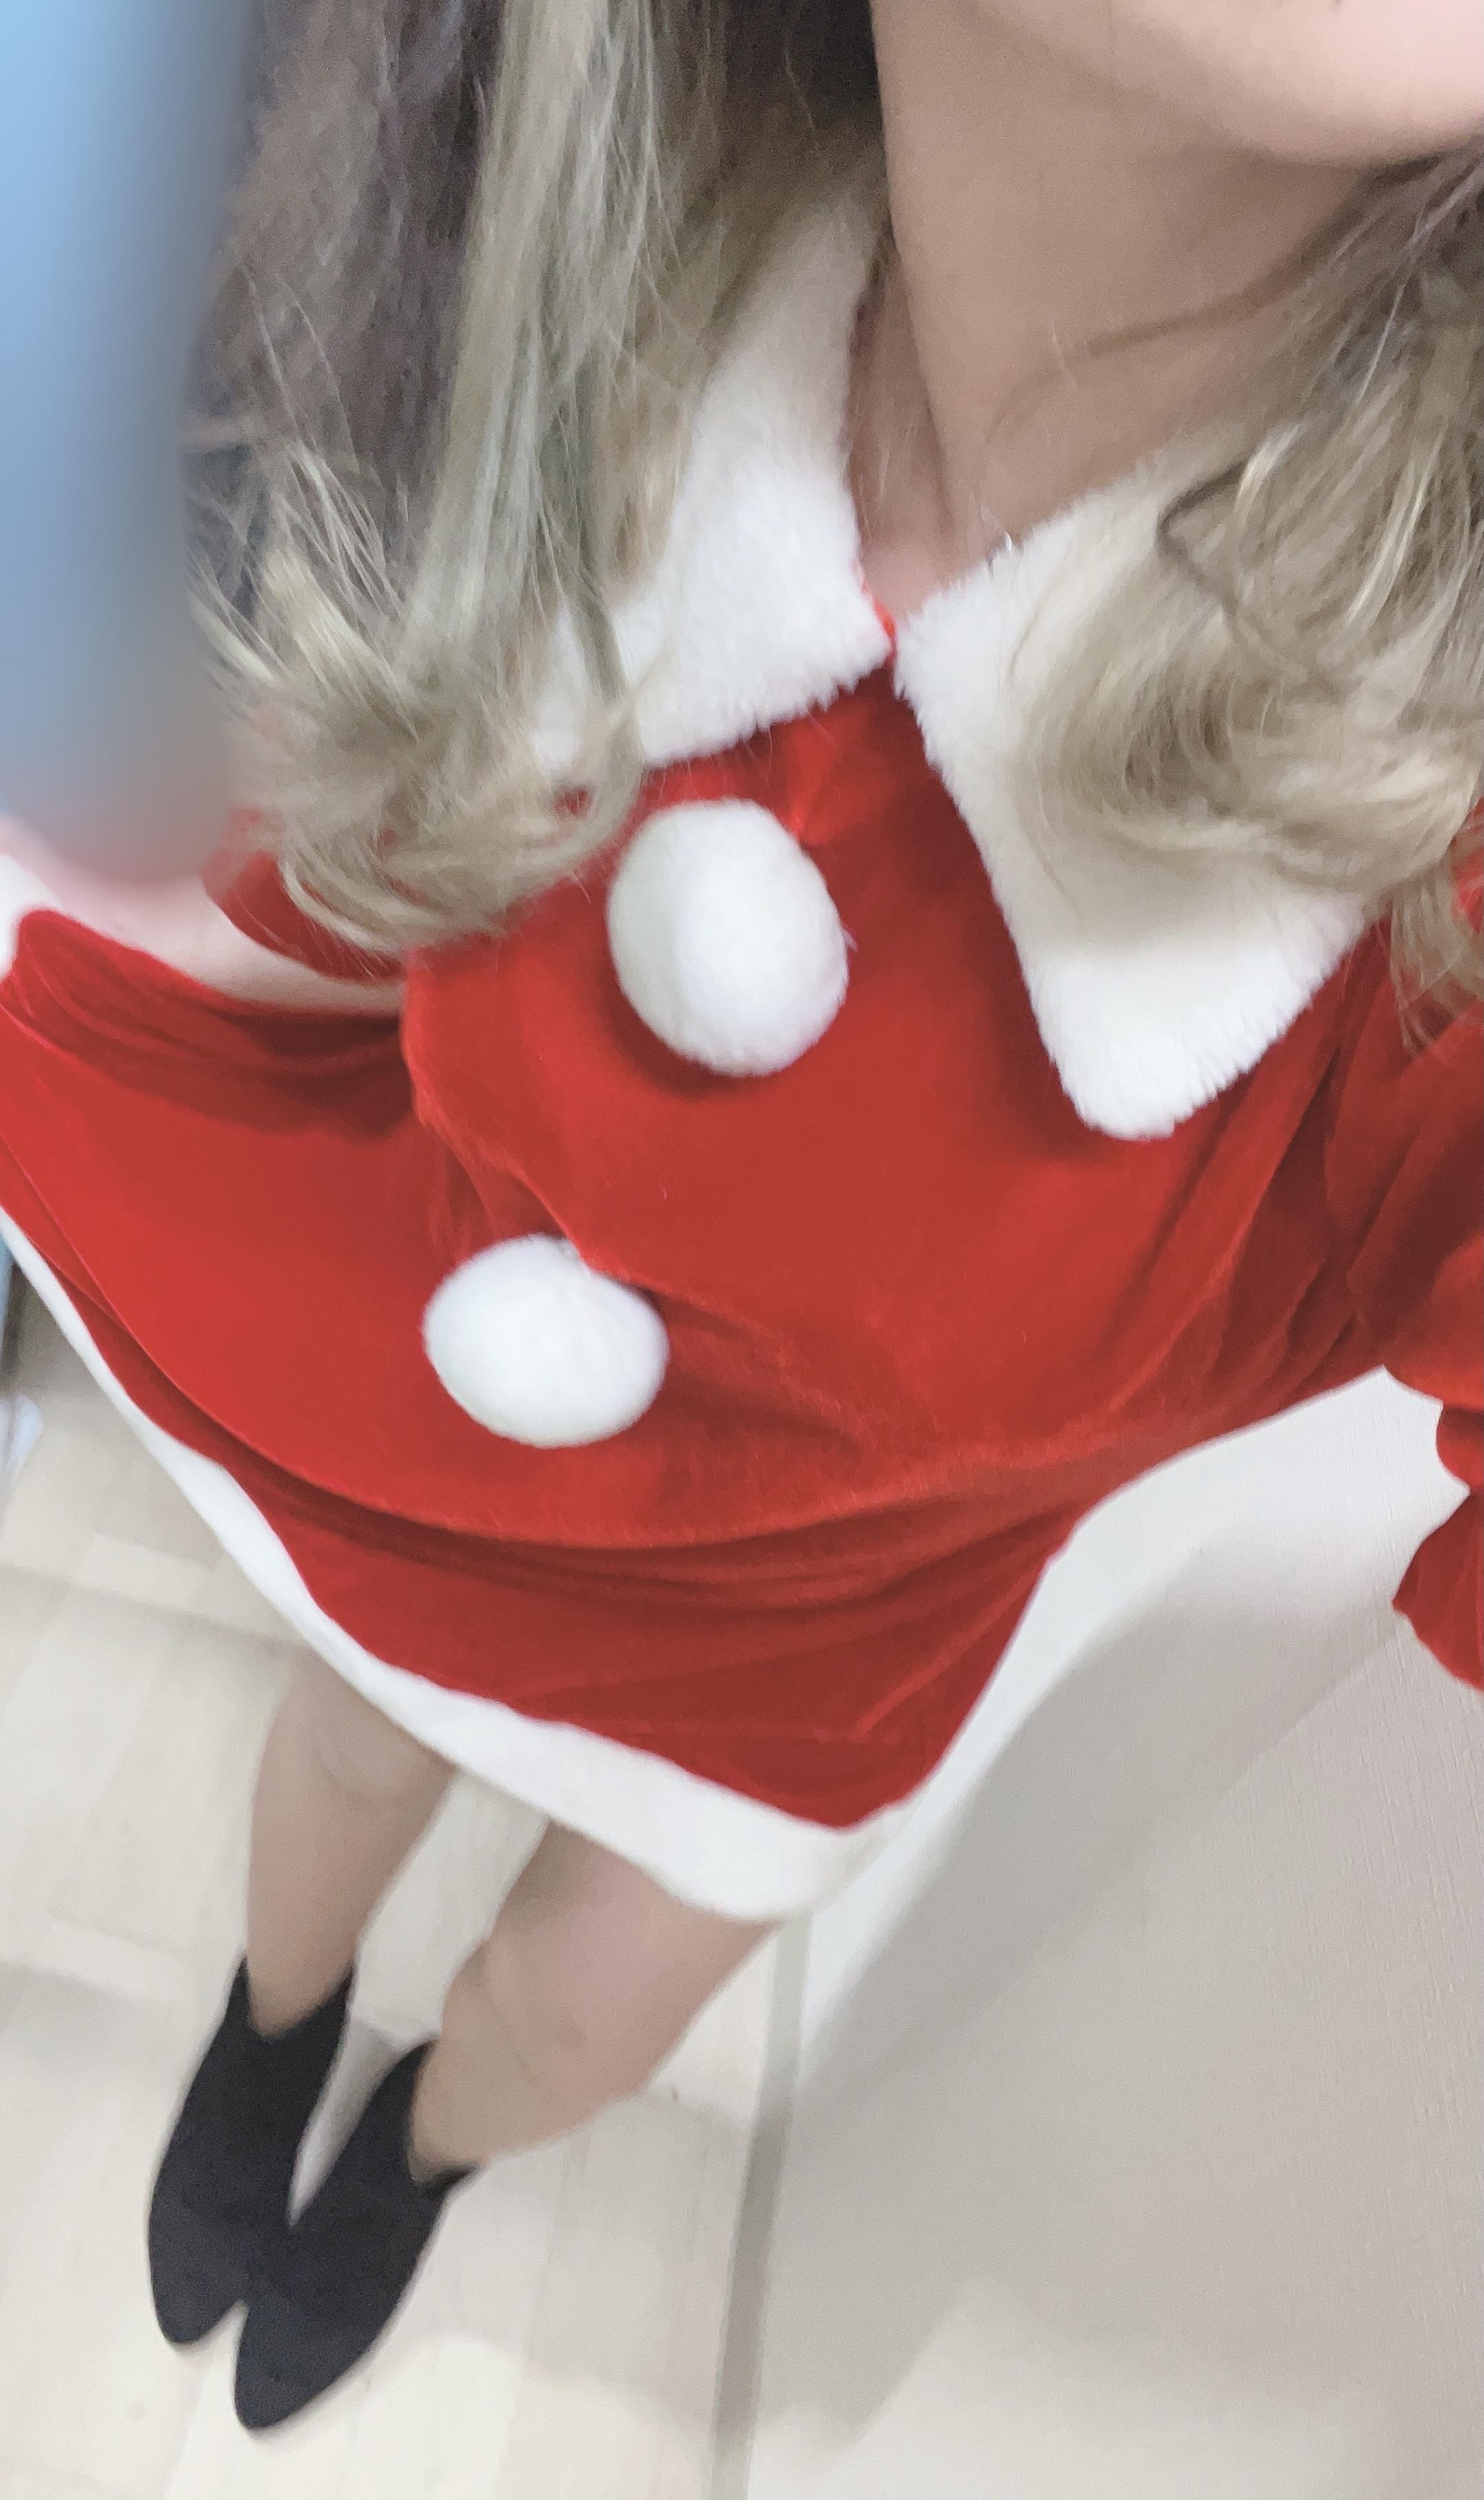 「こんにちは♪」12/22(火) 22:57 | かなでの写メ・風俗動画